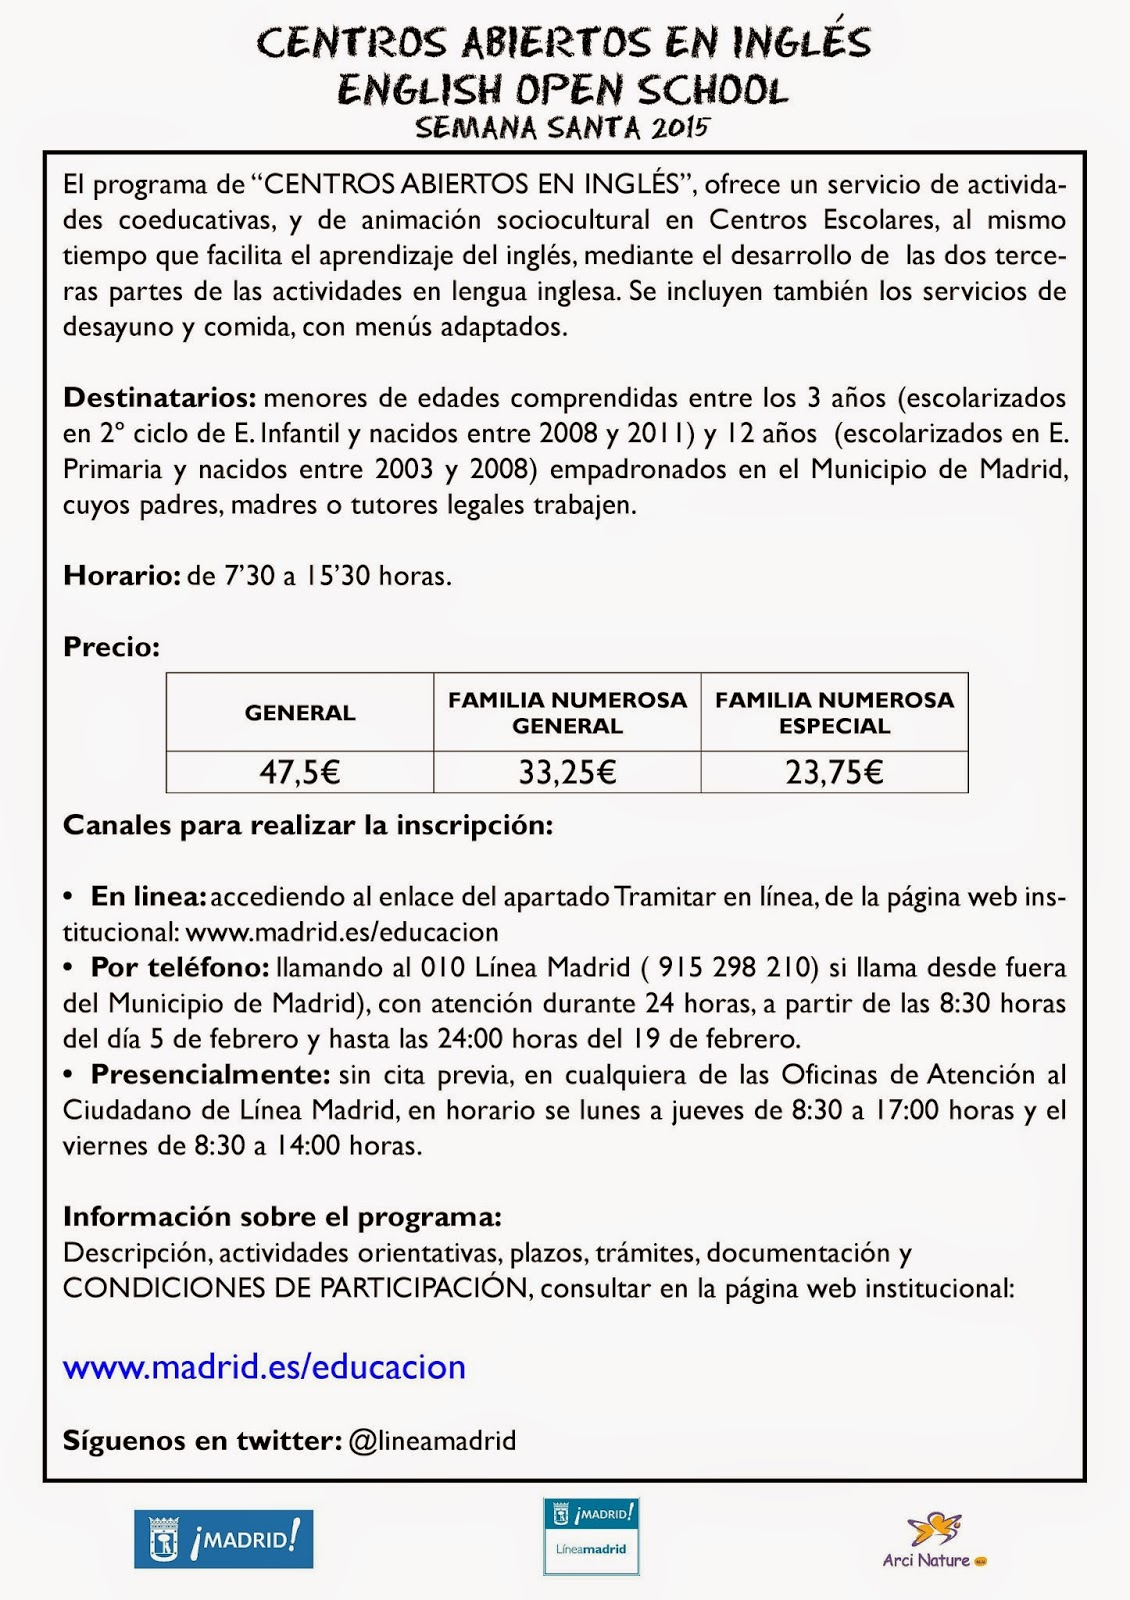 Apa del c e i p reina victoria madrid informaci n campamentos centros abiertos en ingl s - Oficinas de atencion a la ciudadania linea madrid ...